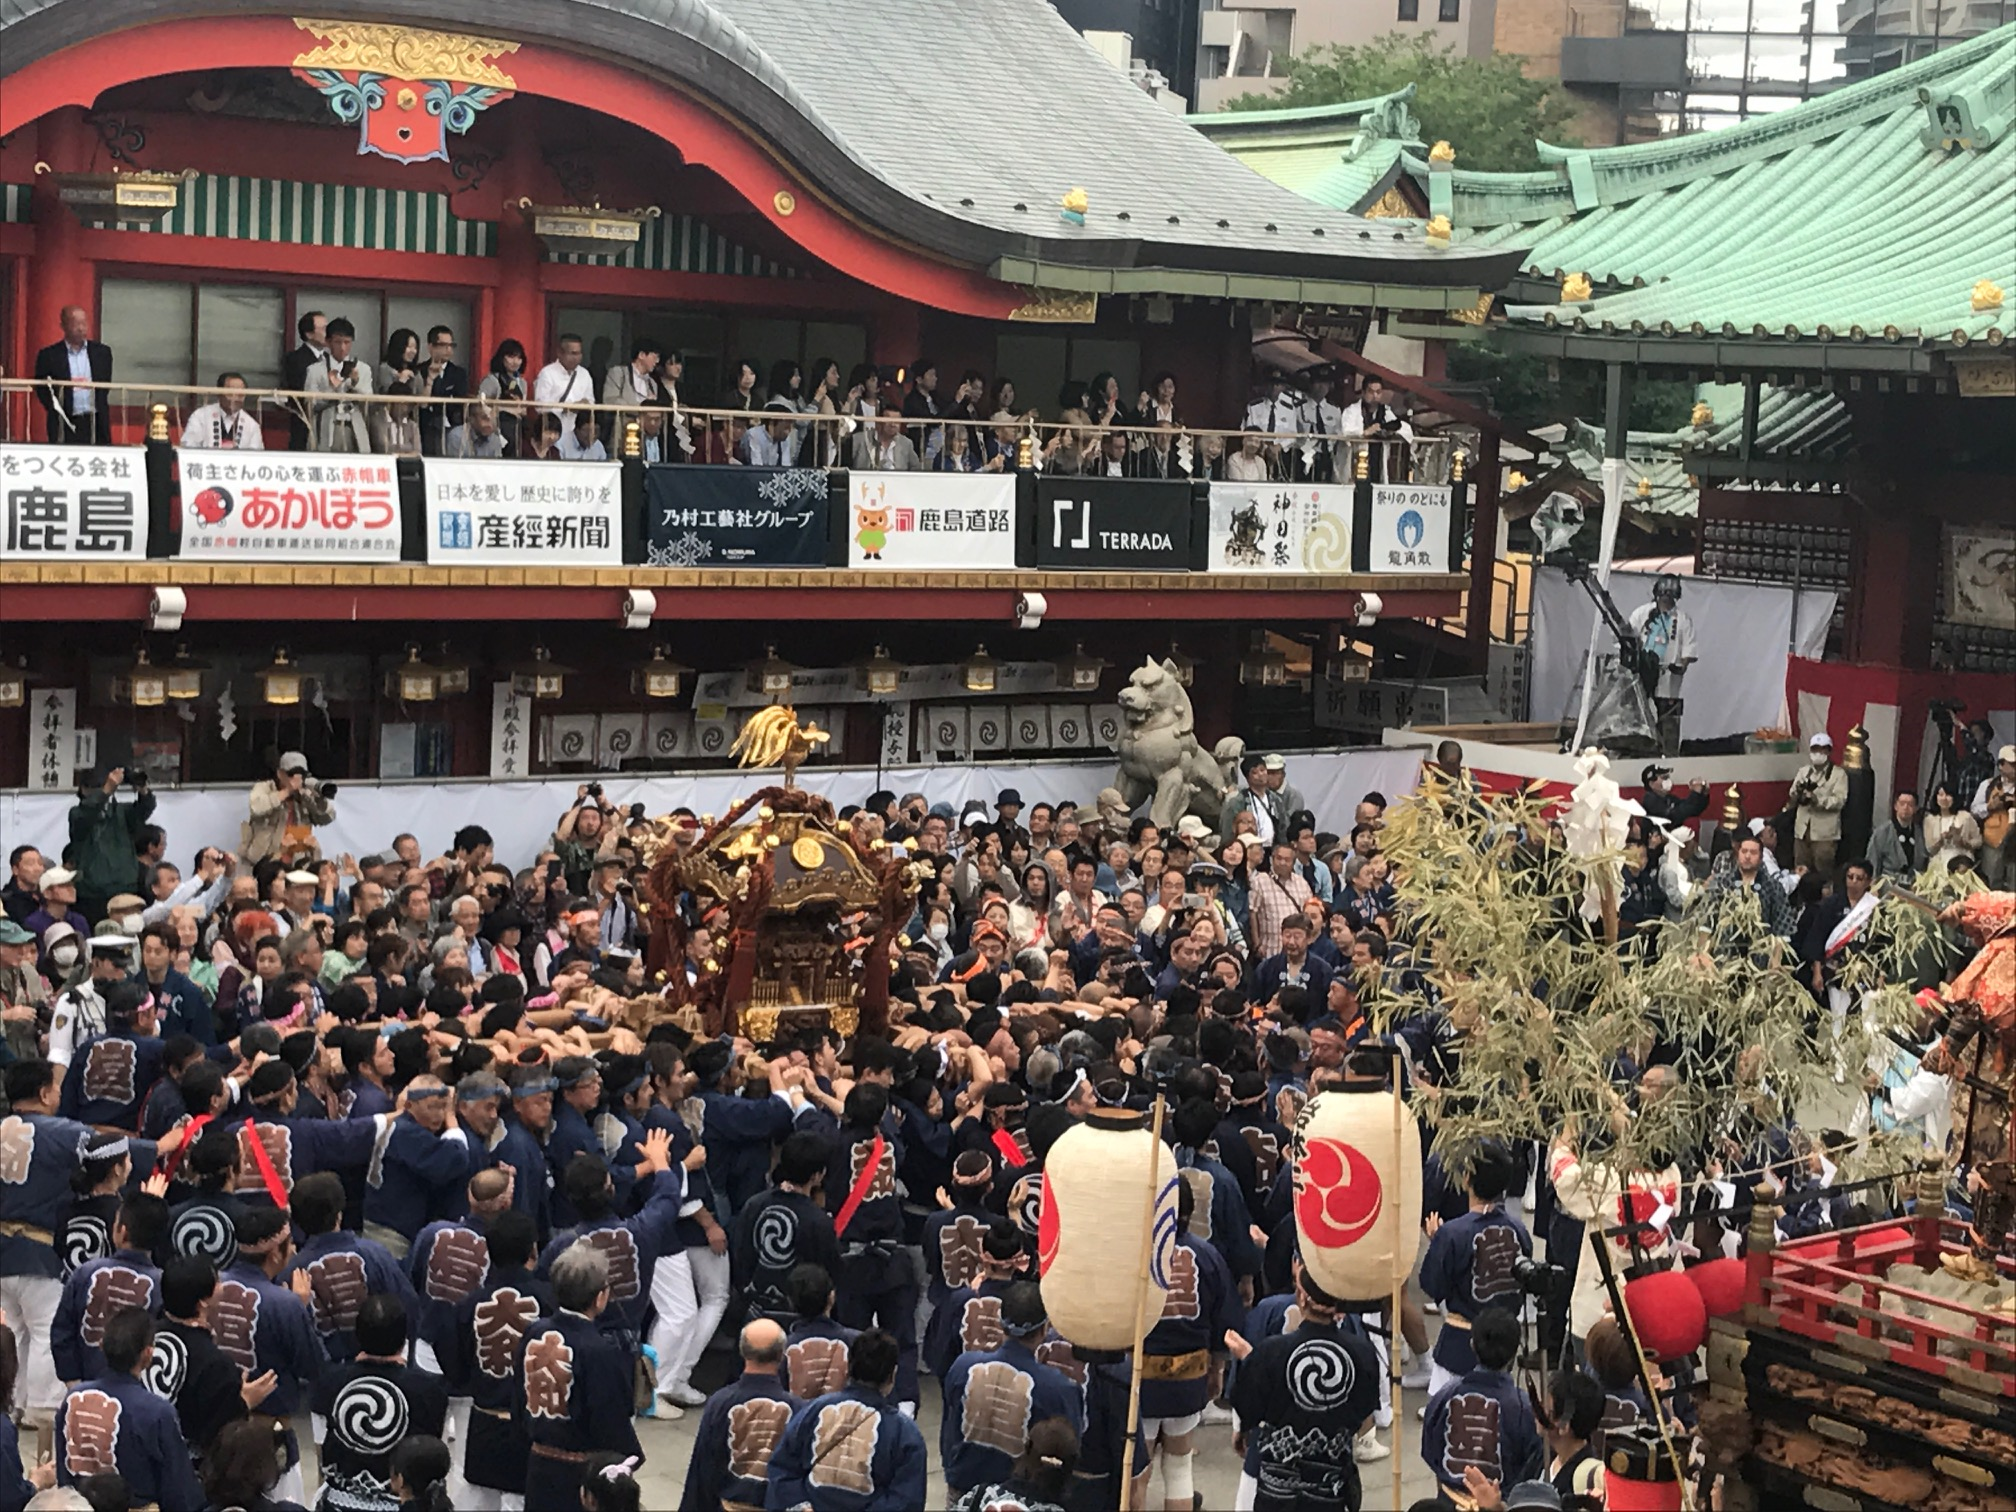 岩本町・東神田地区連合 神田大和町会・岩井会